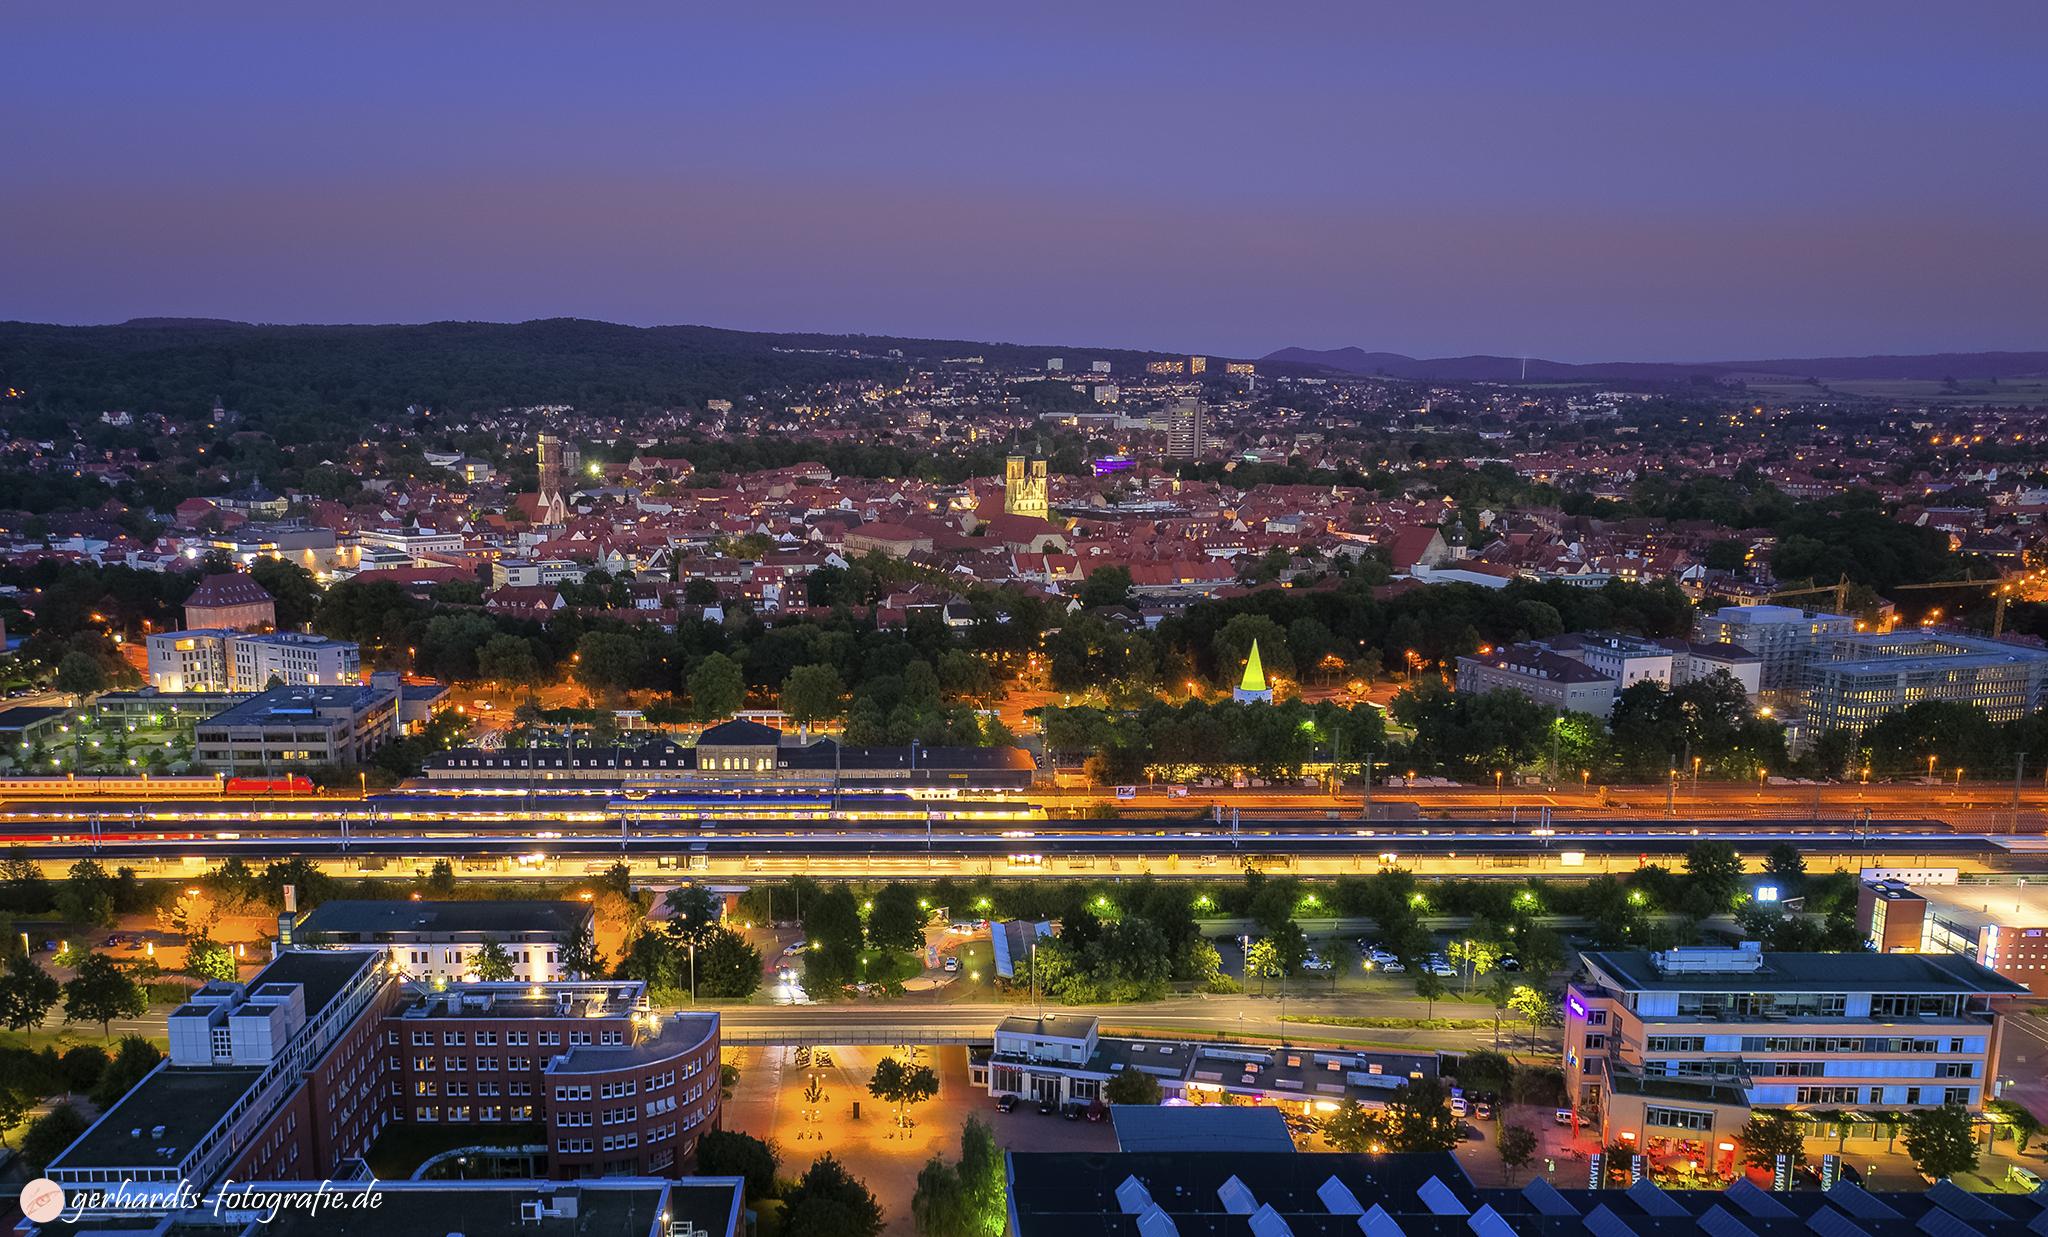 Luftaufnahme Göttingen bei Nacht